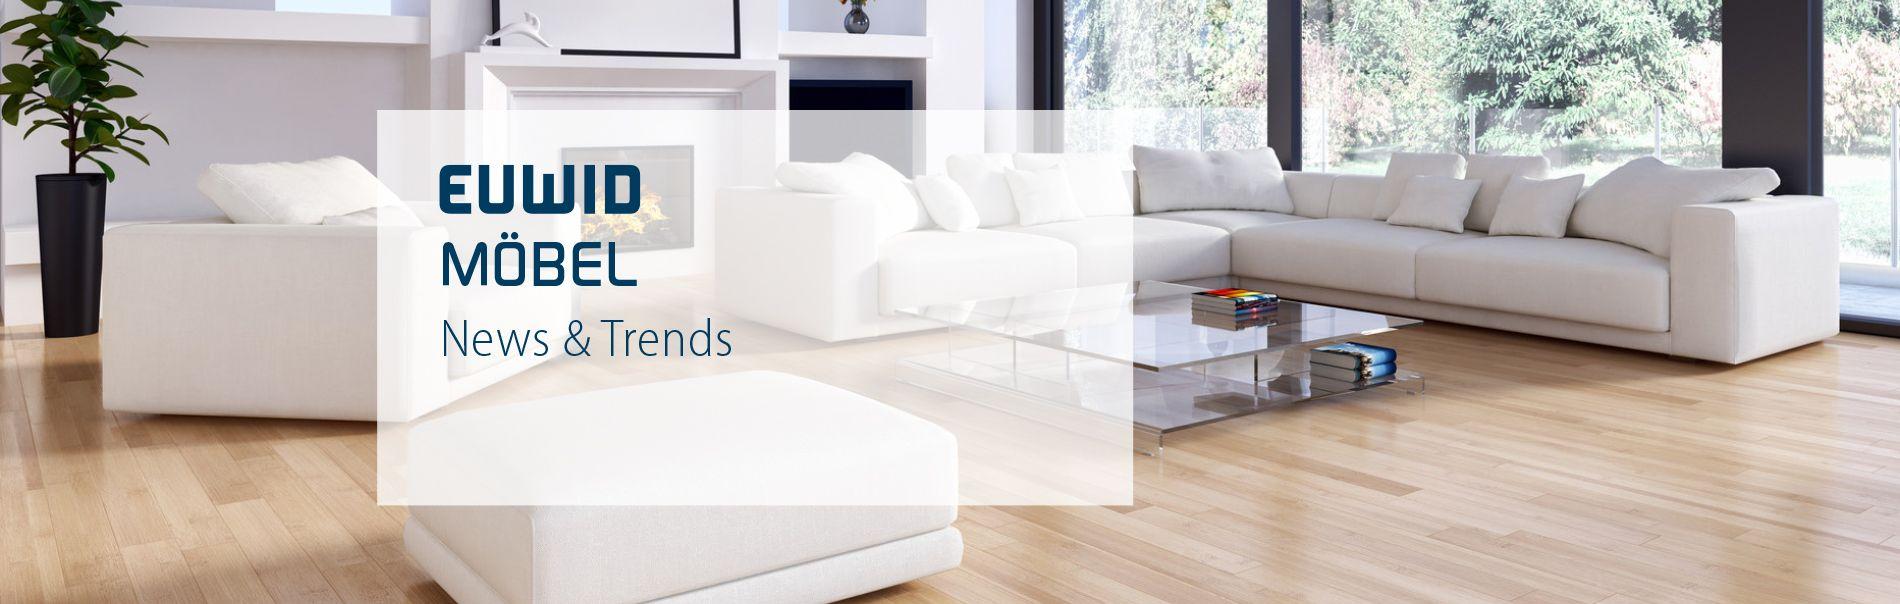 EUWID Möbel furniture englisch